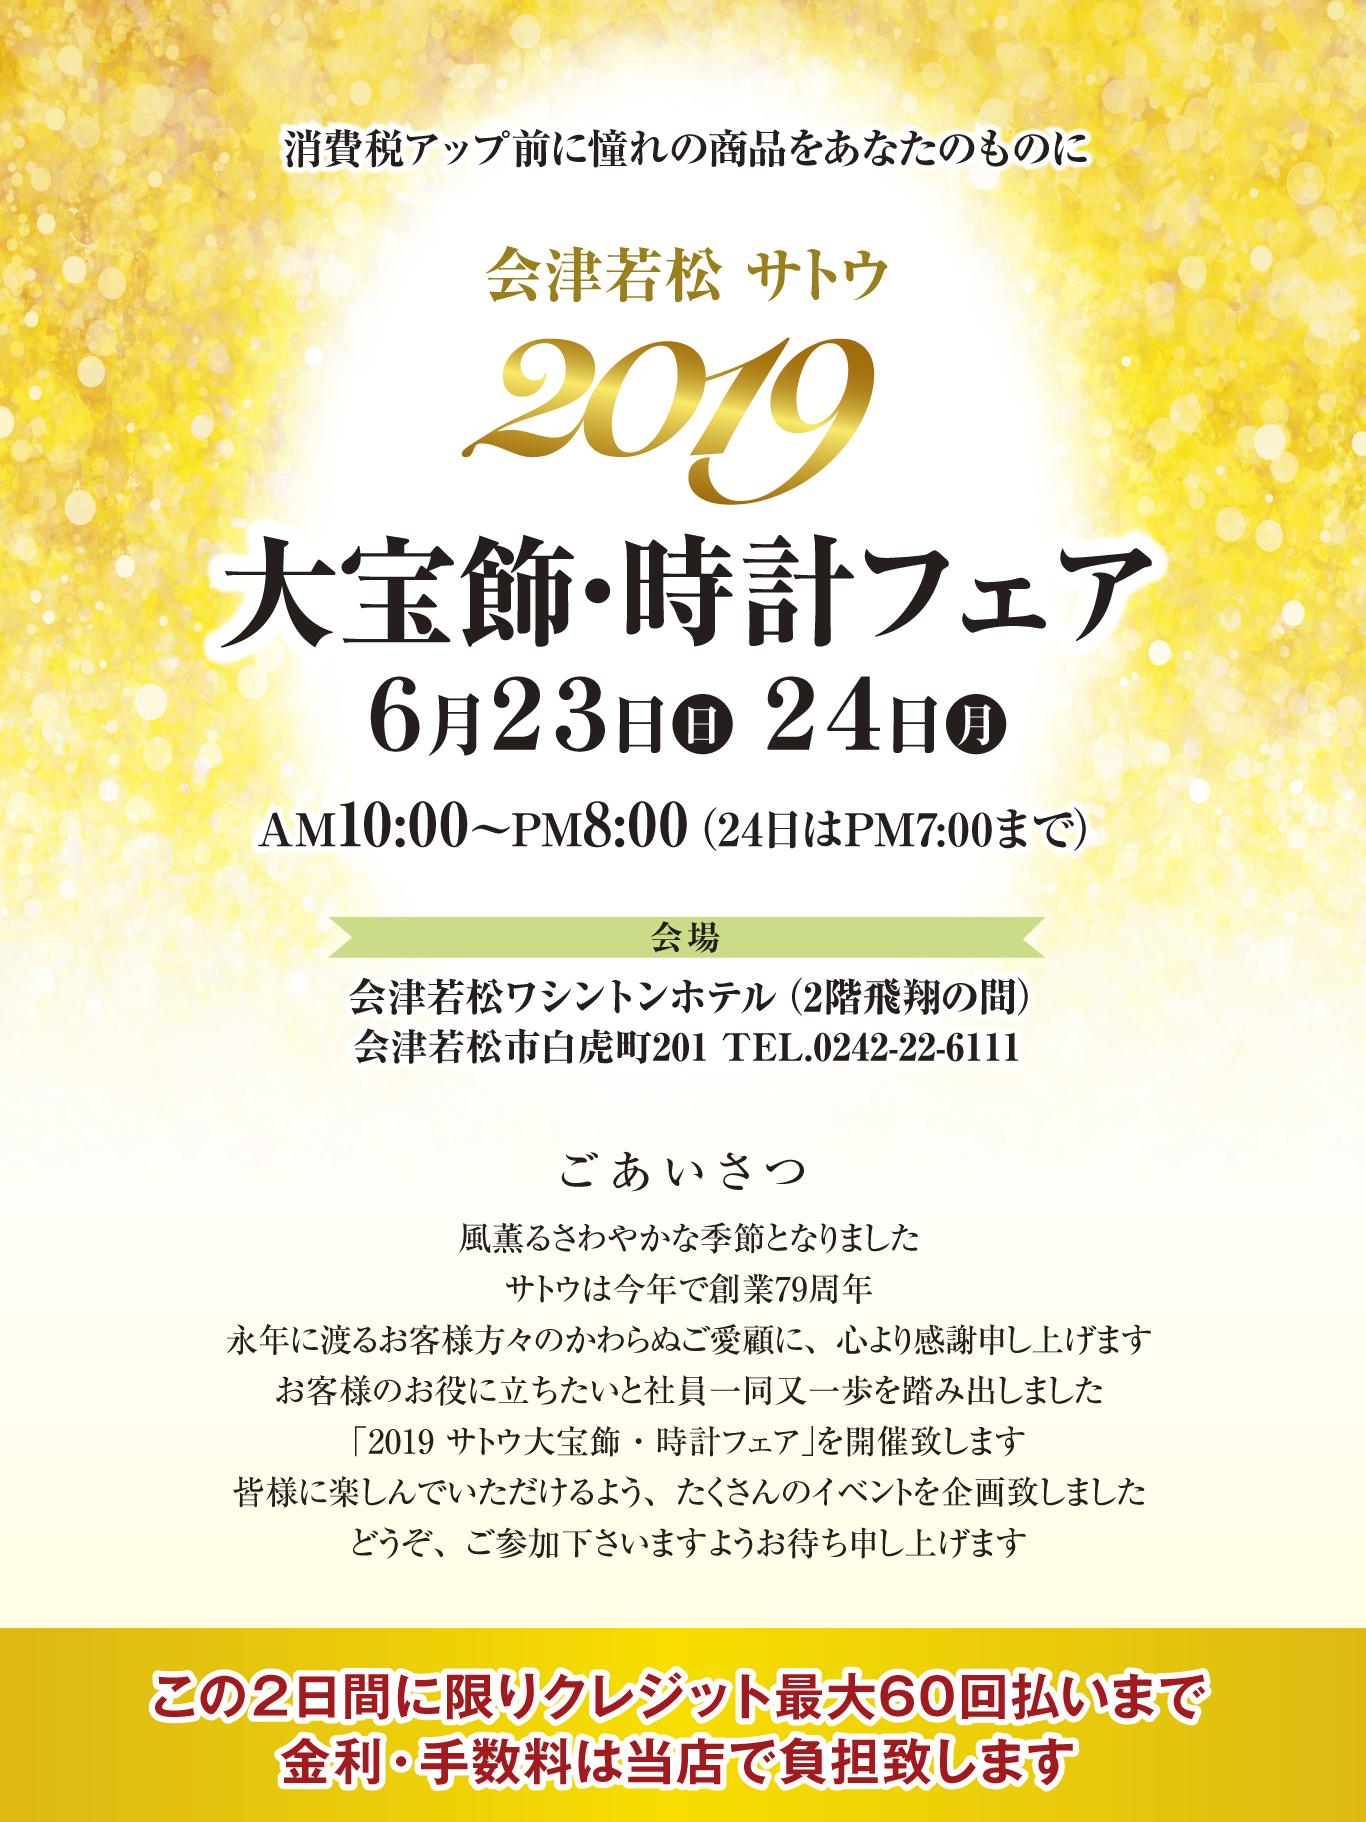 サトウ2019 大宝飾・時計フェア